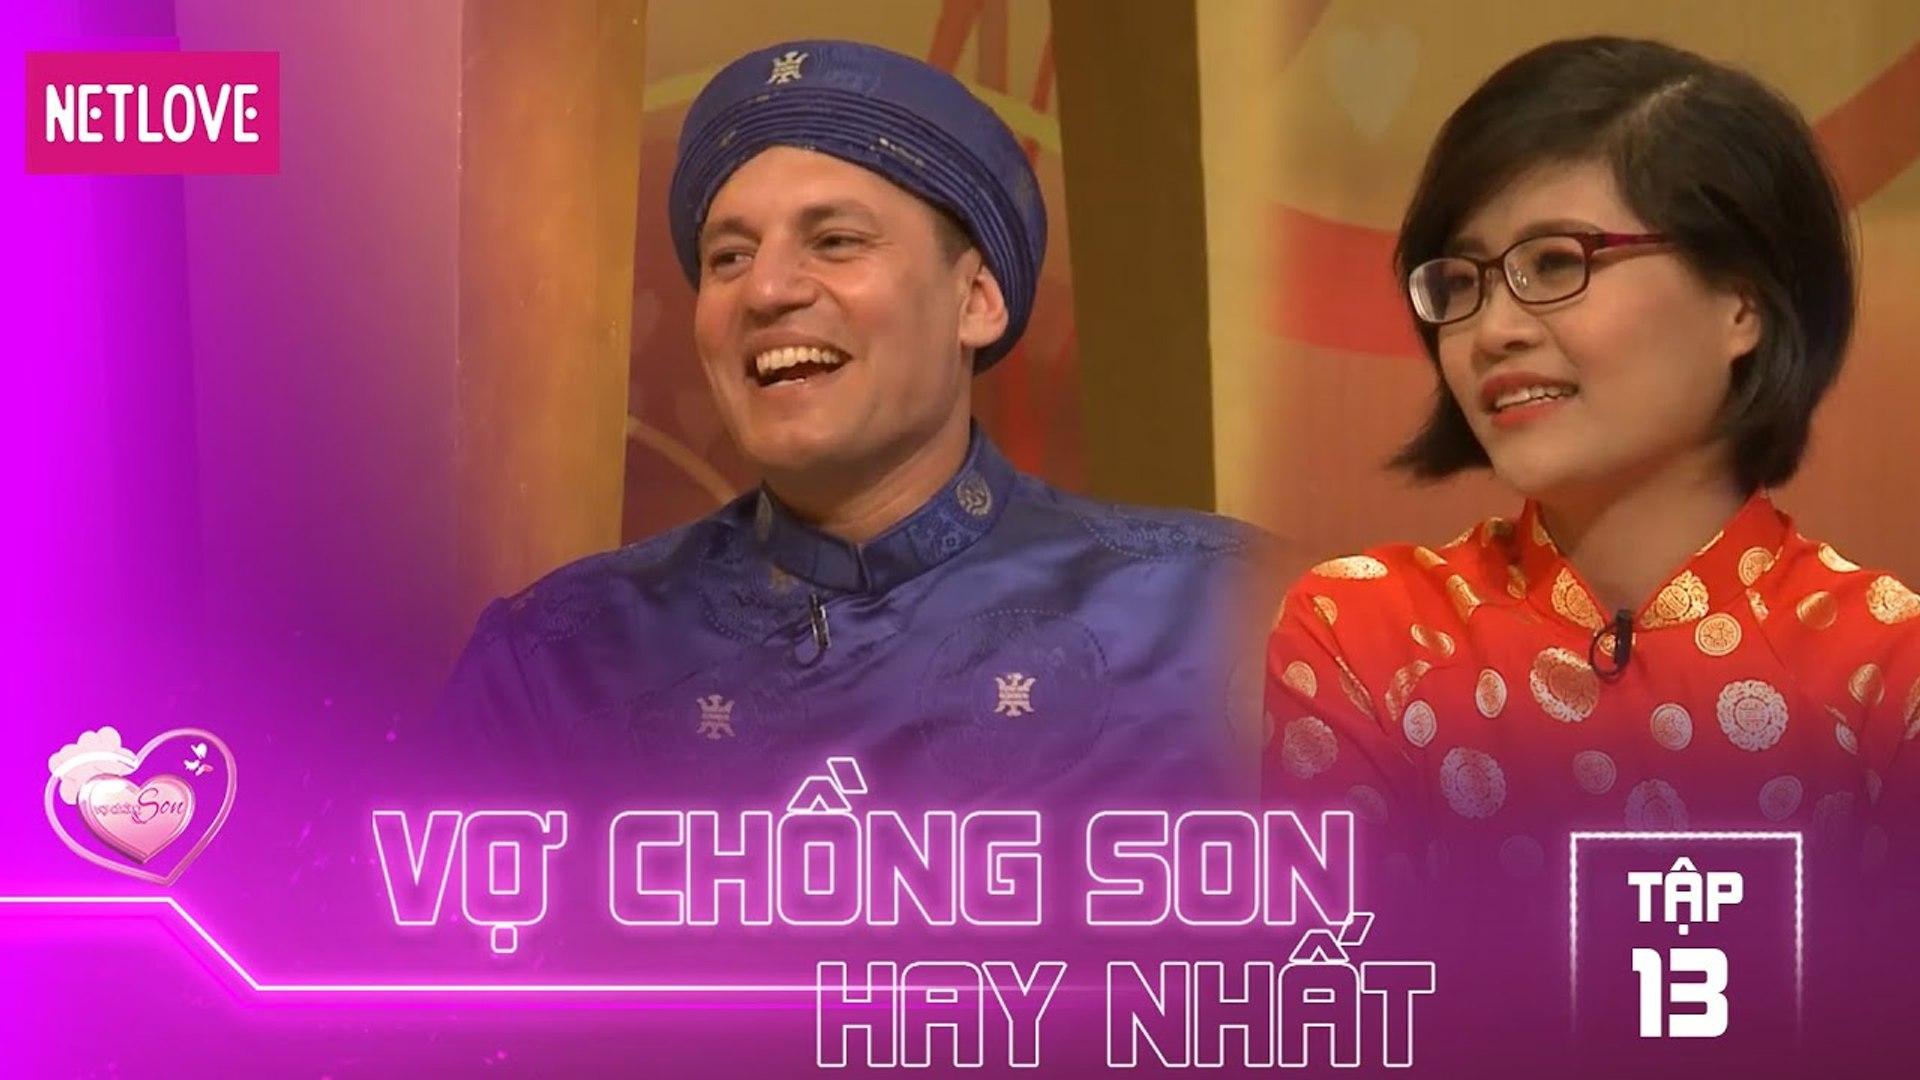 Vợ Chồng Son Hay Nhất - Tập 13: Chàng trai Ý chạy xe máy xuyên Việt tham gia ghi hình vợ chồng son